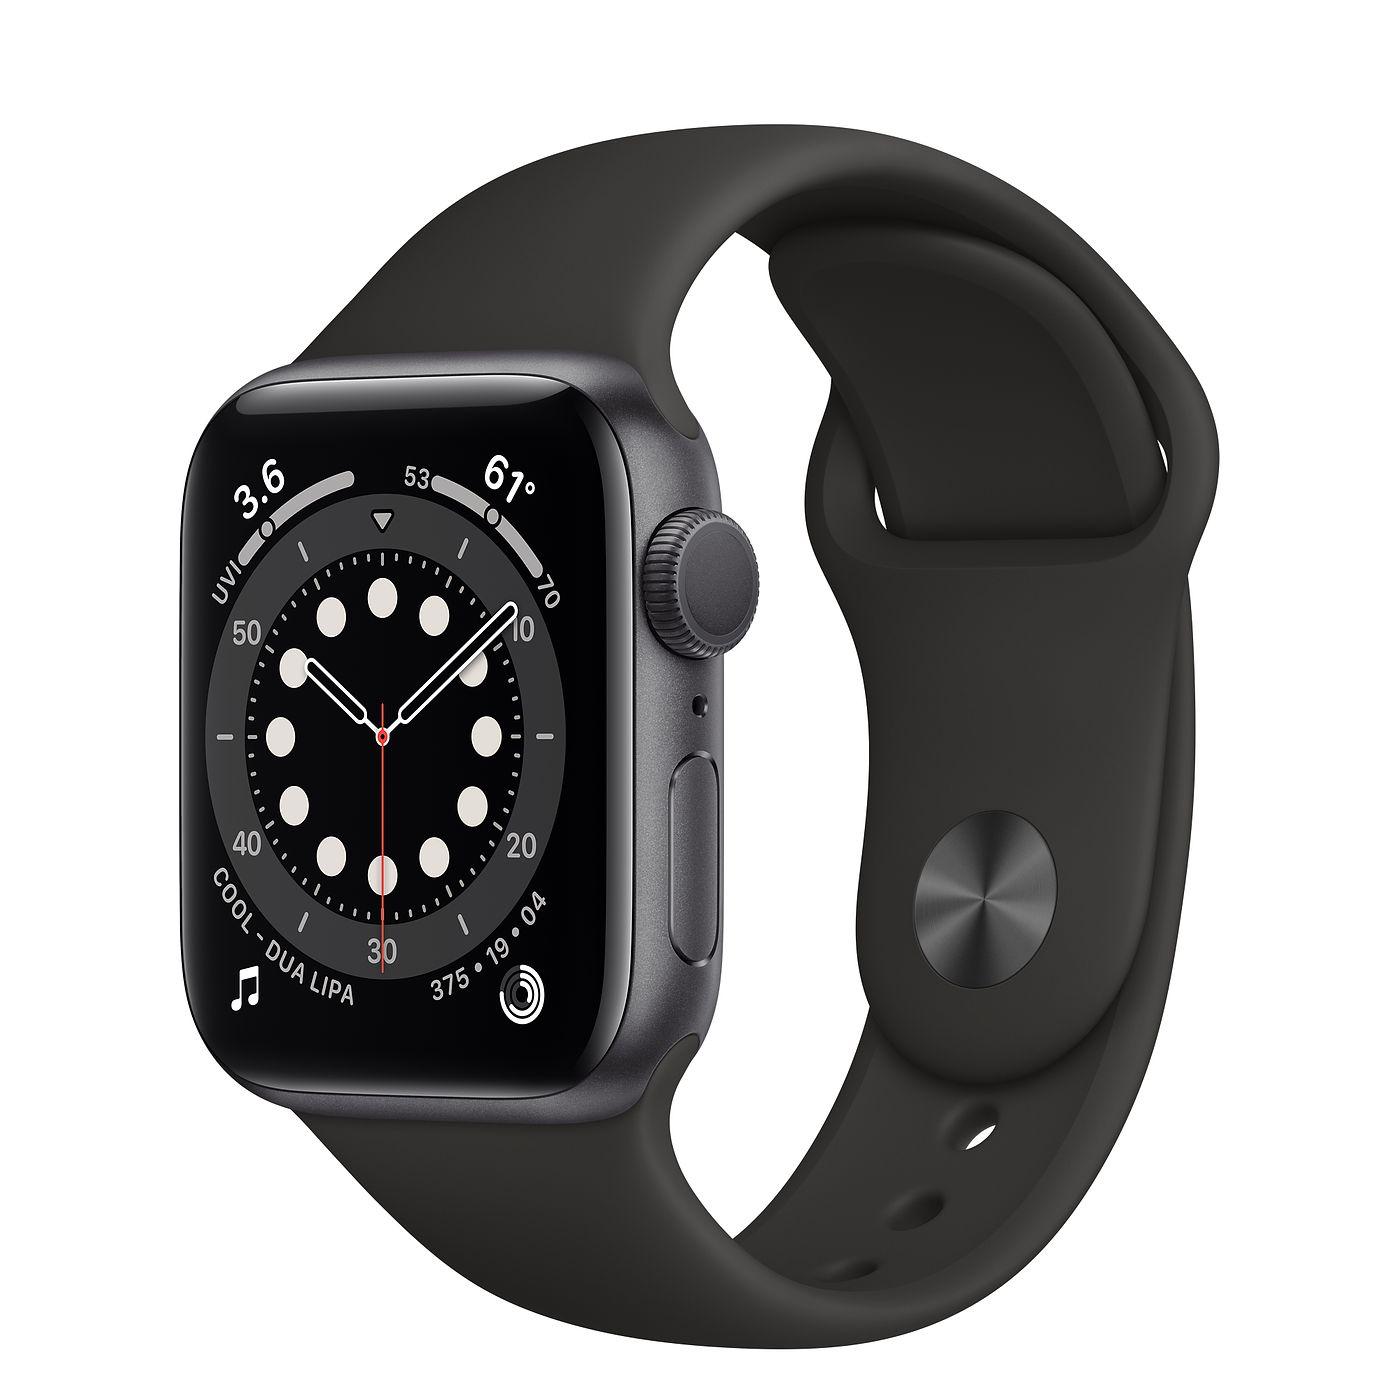 ساعت هوشمند اپل واچ سری 6 نسخه 40 میلی متری